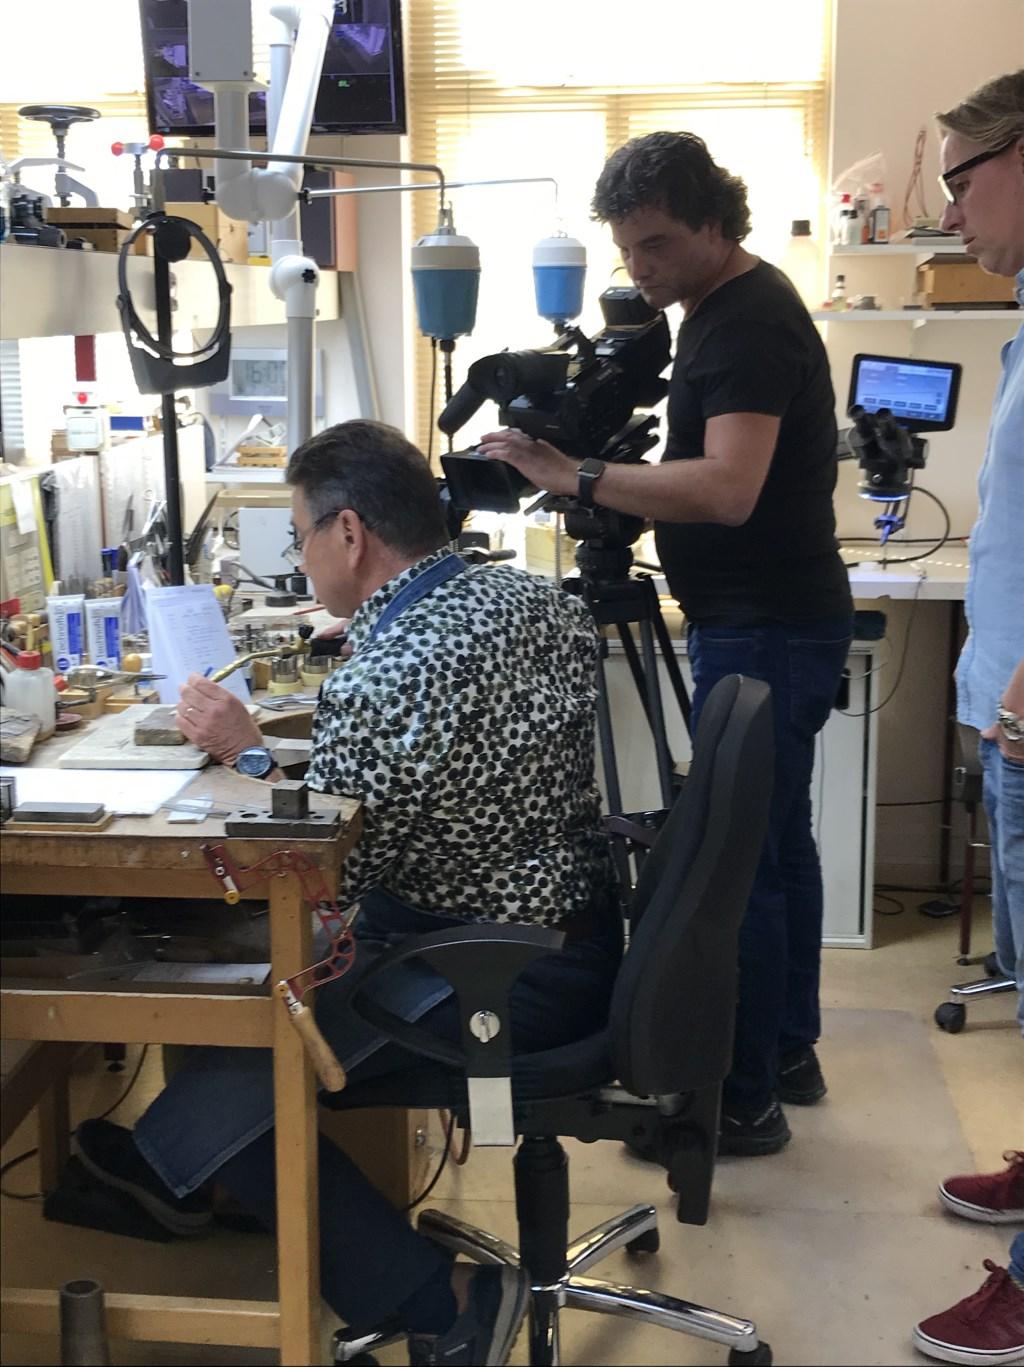 Ed werd uitgebreid gefilmd bij al zijn werkzaamheden. (Foto: aangeleverd) © rodi